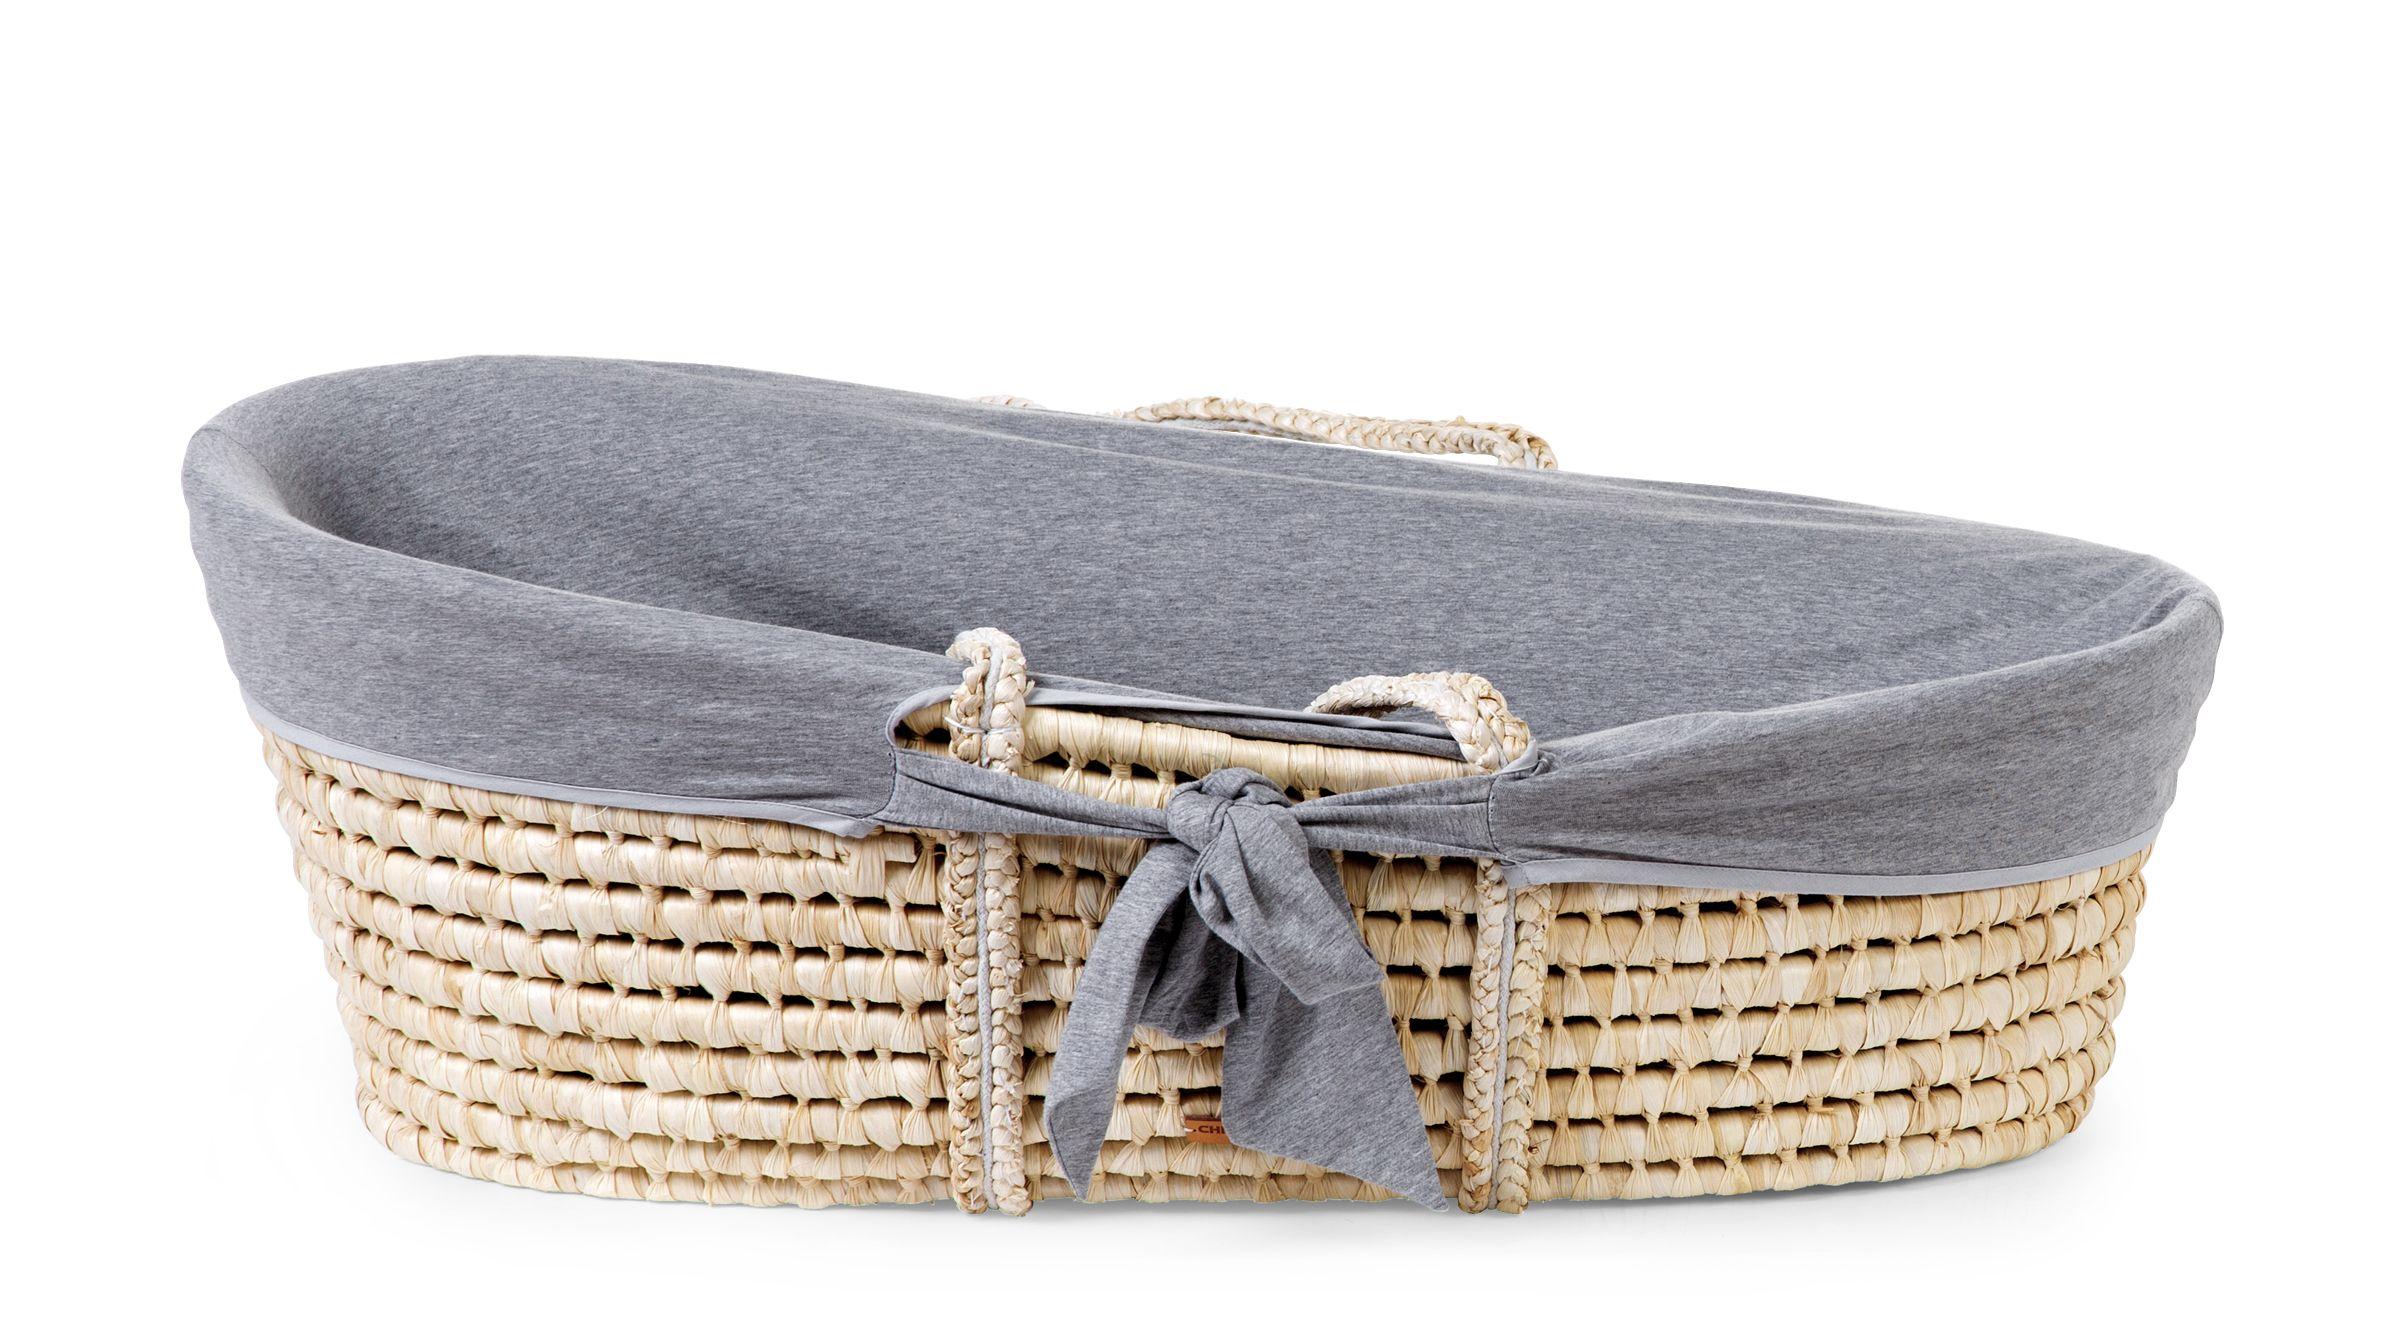 Košík pro miminko Natural + matrace + potah Jersey Grey